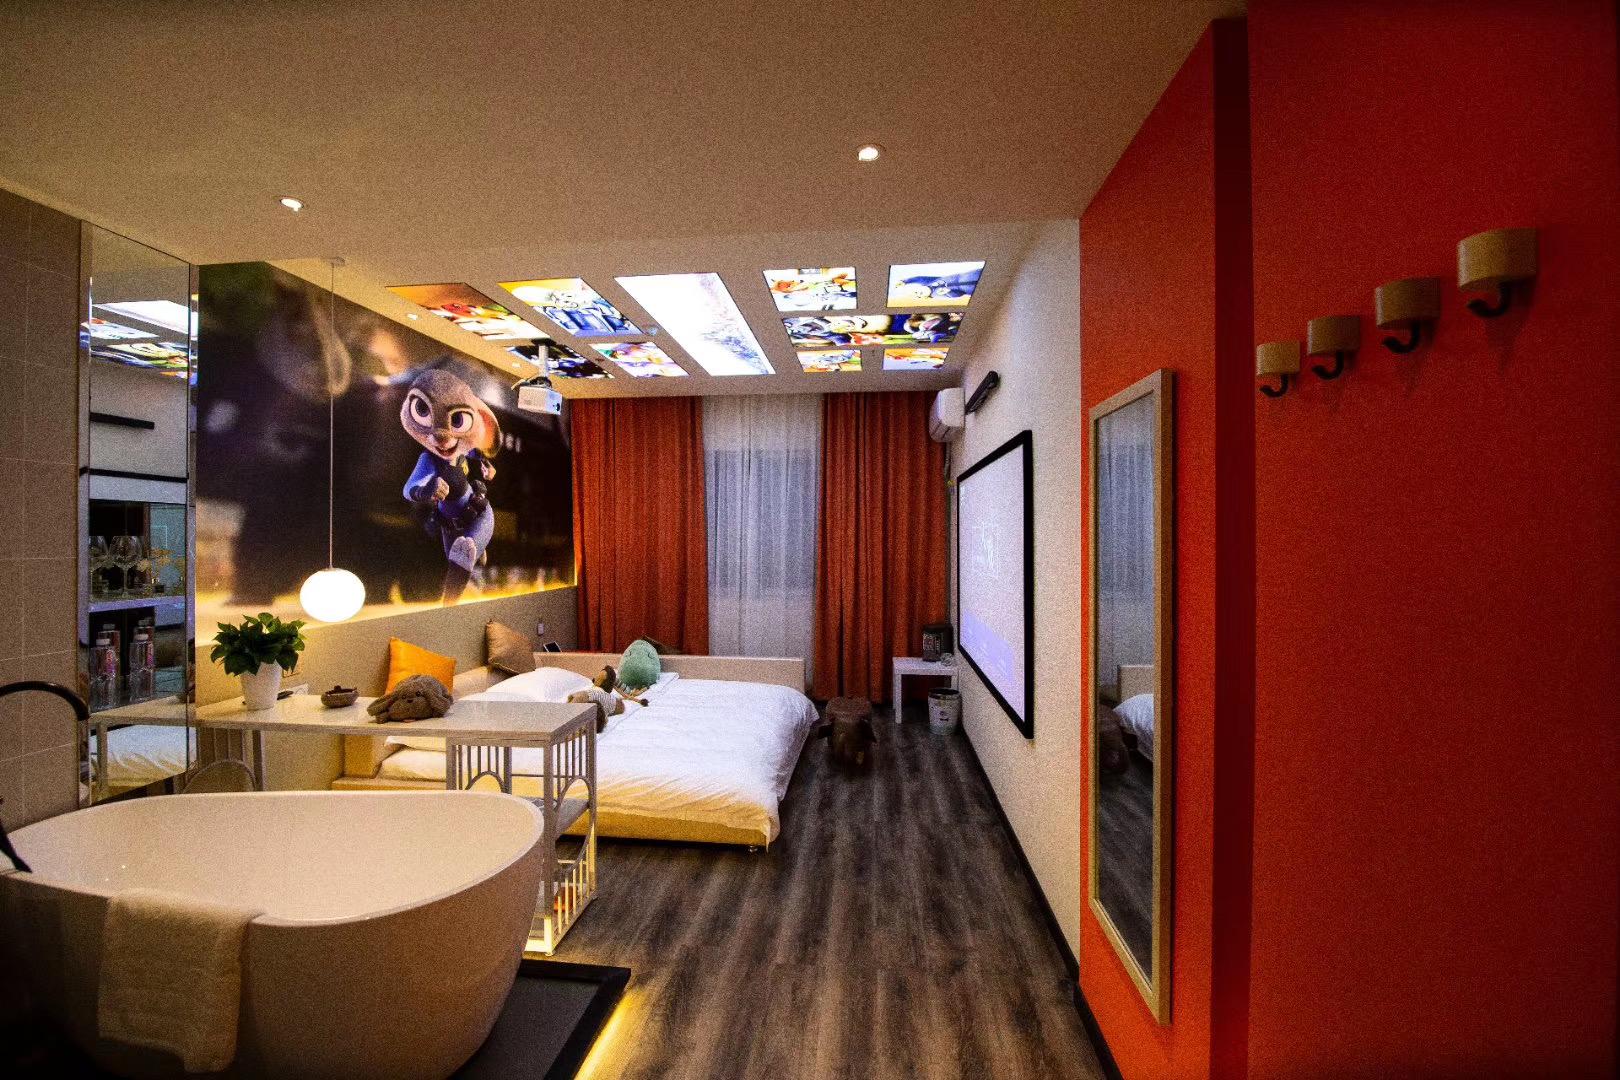 杭州入戏电影主题酒店 让你睡在电影里